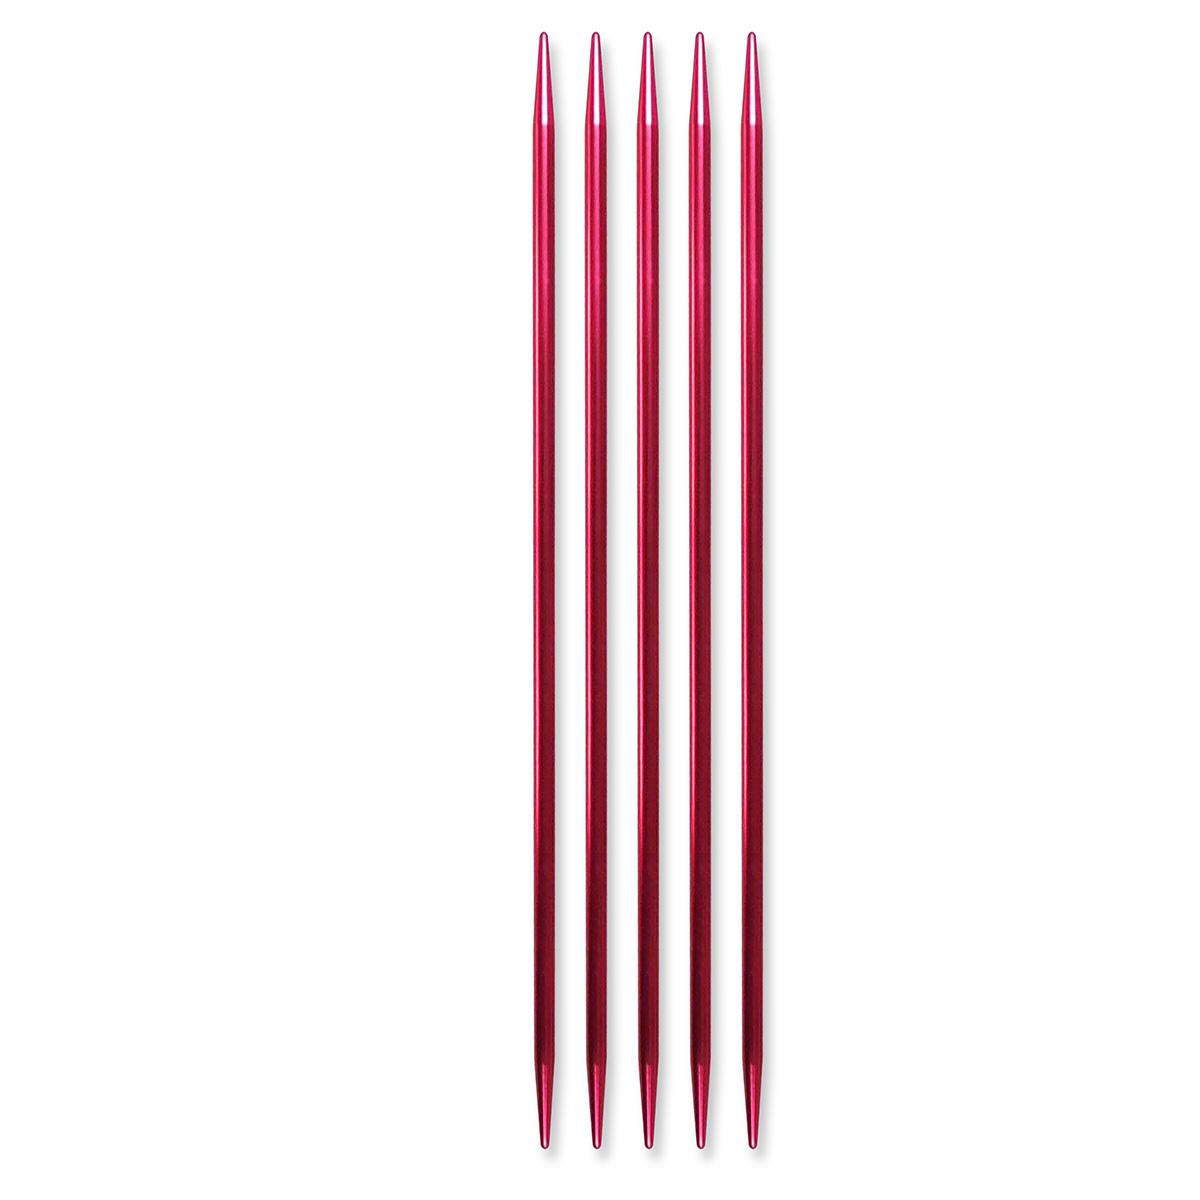 Pony strømpepinde - Nr. 4 - Rød